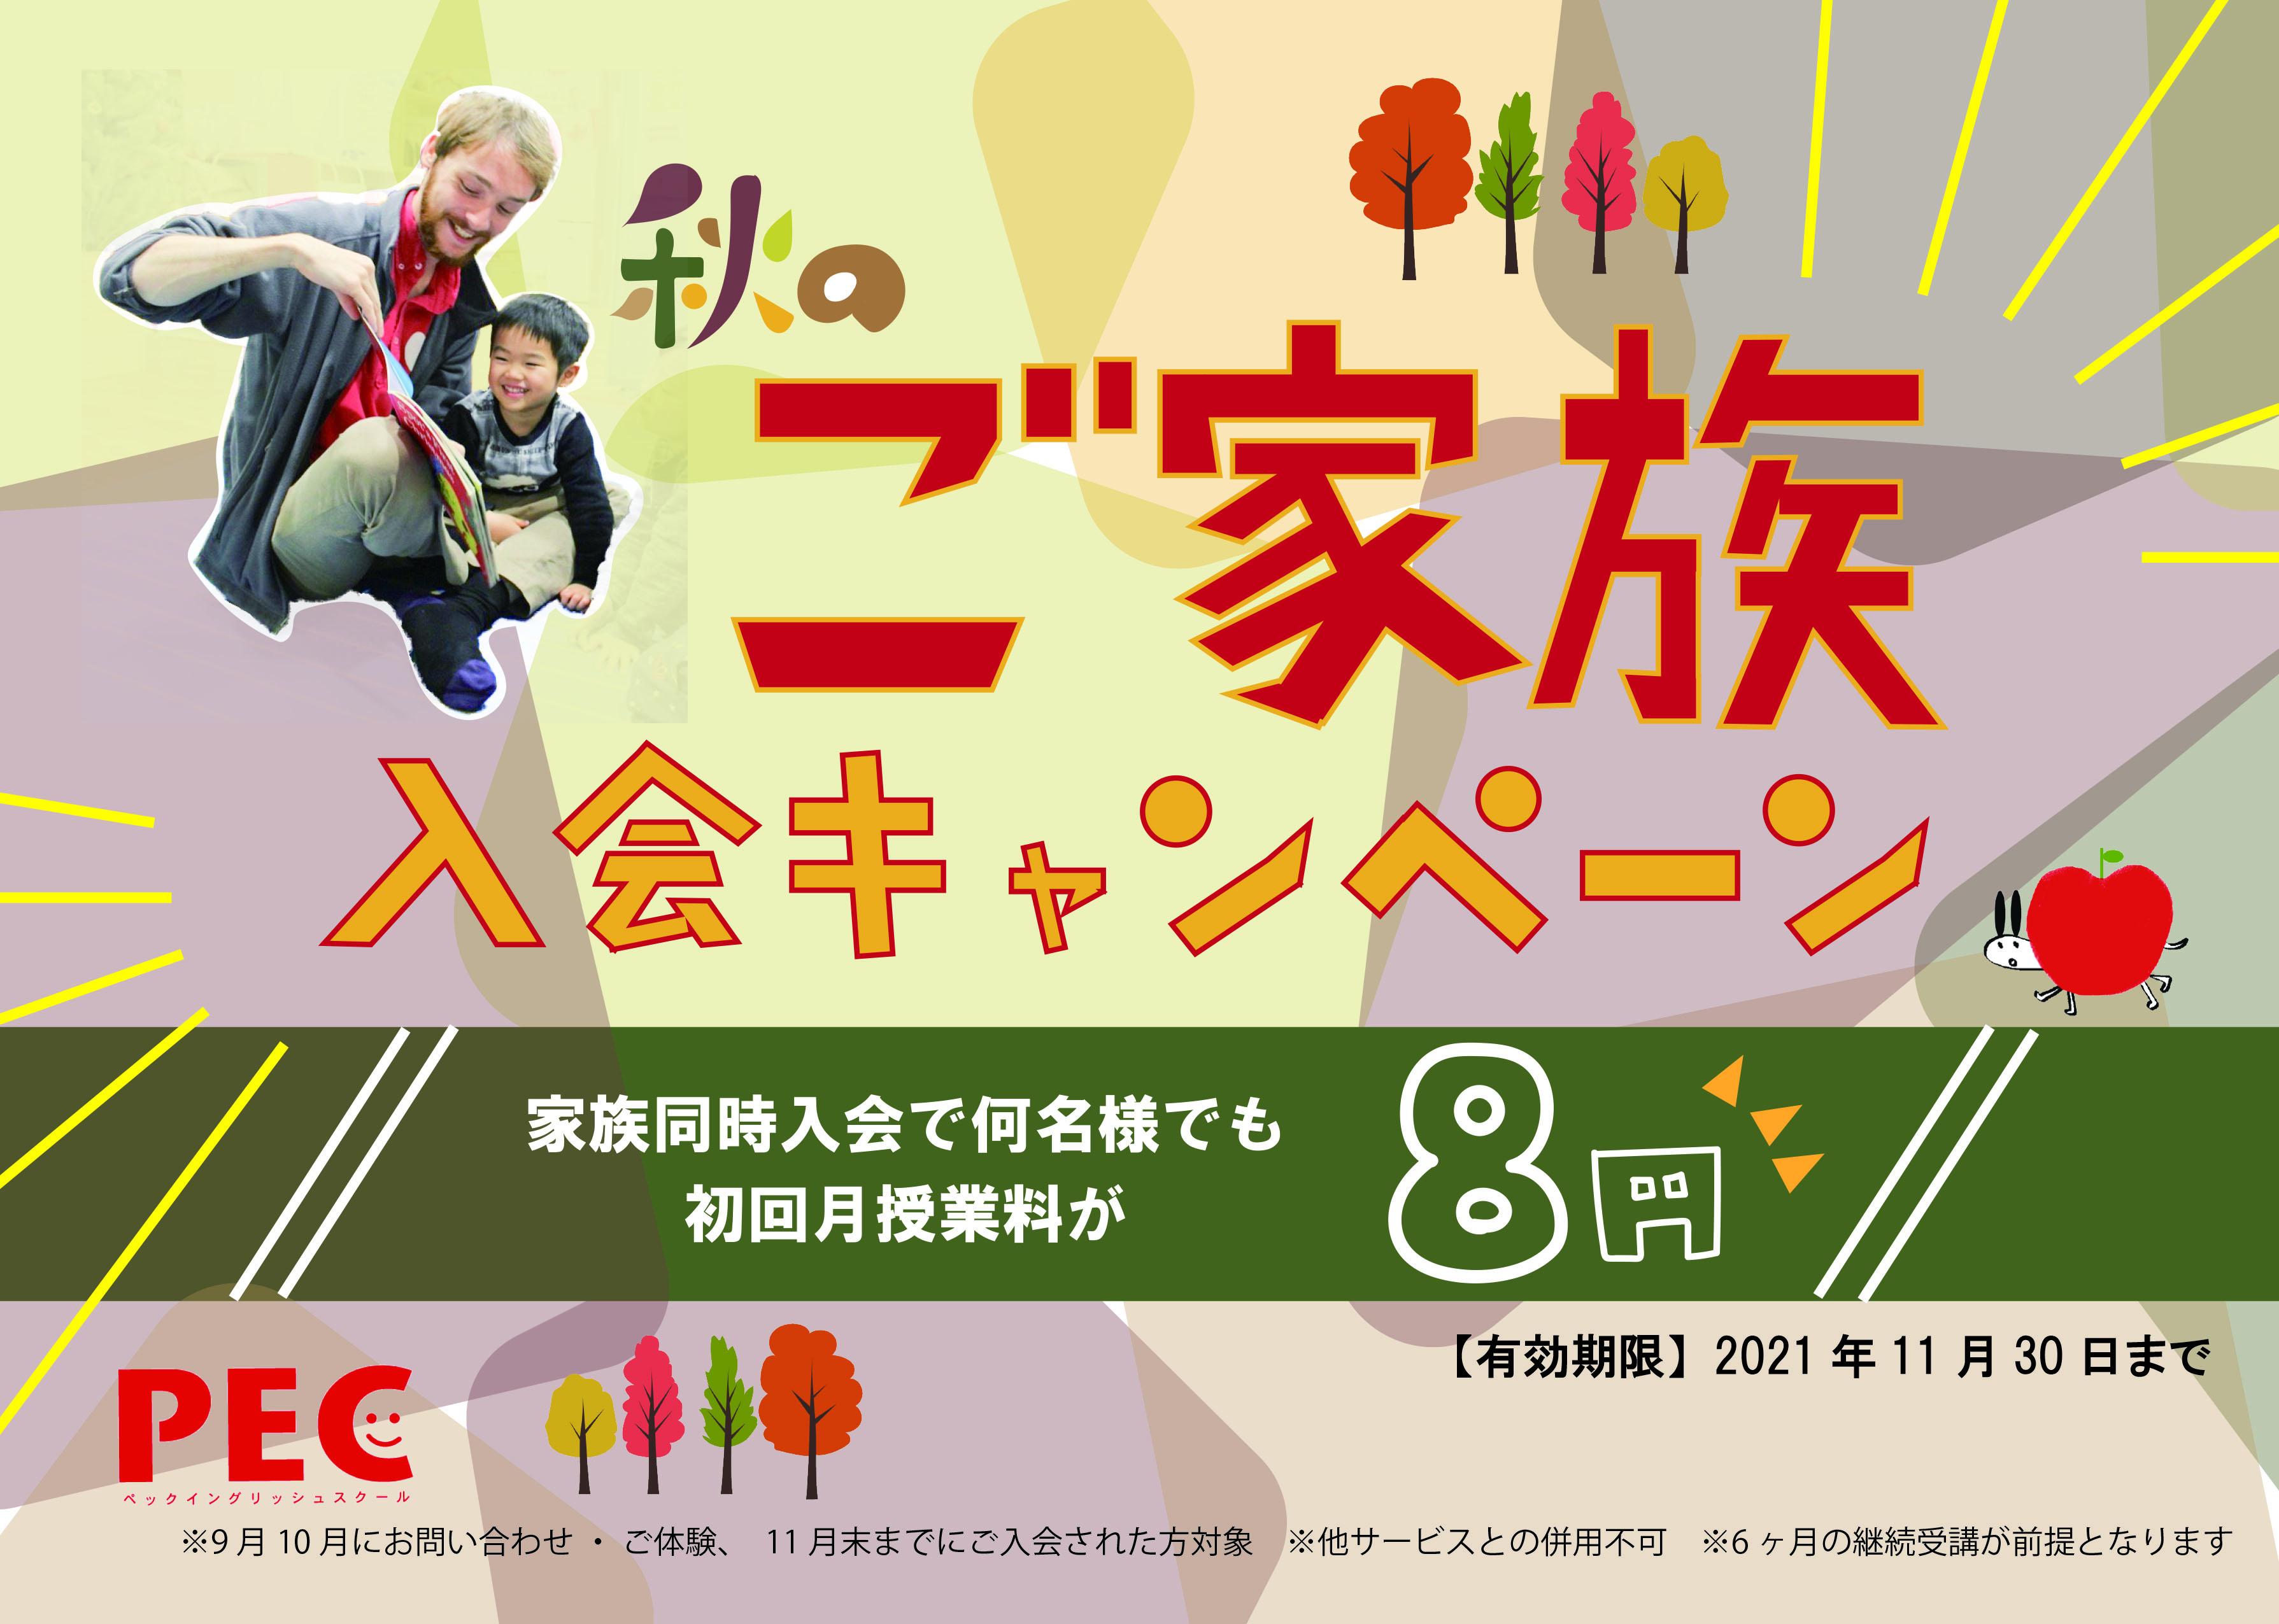 8円家族キャンペーン